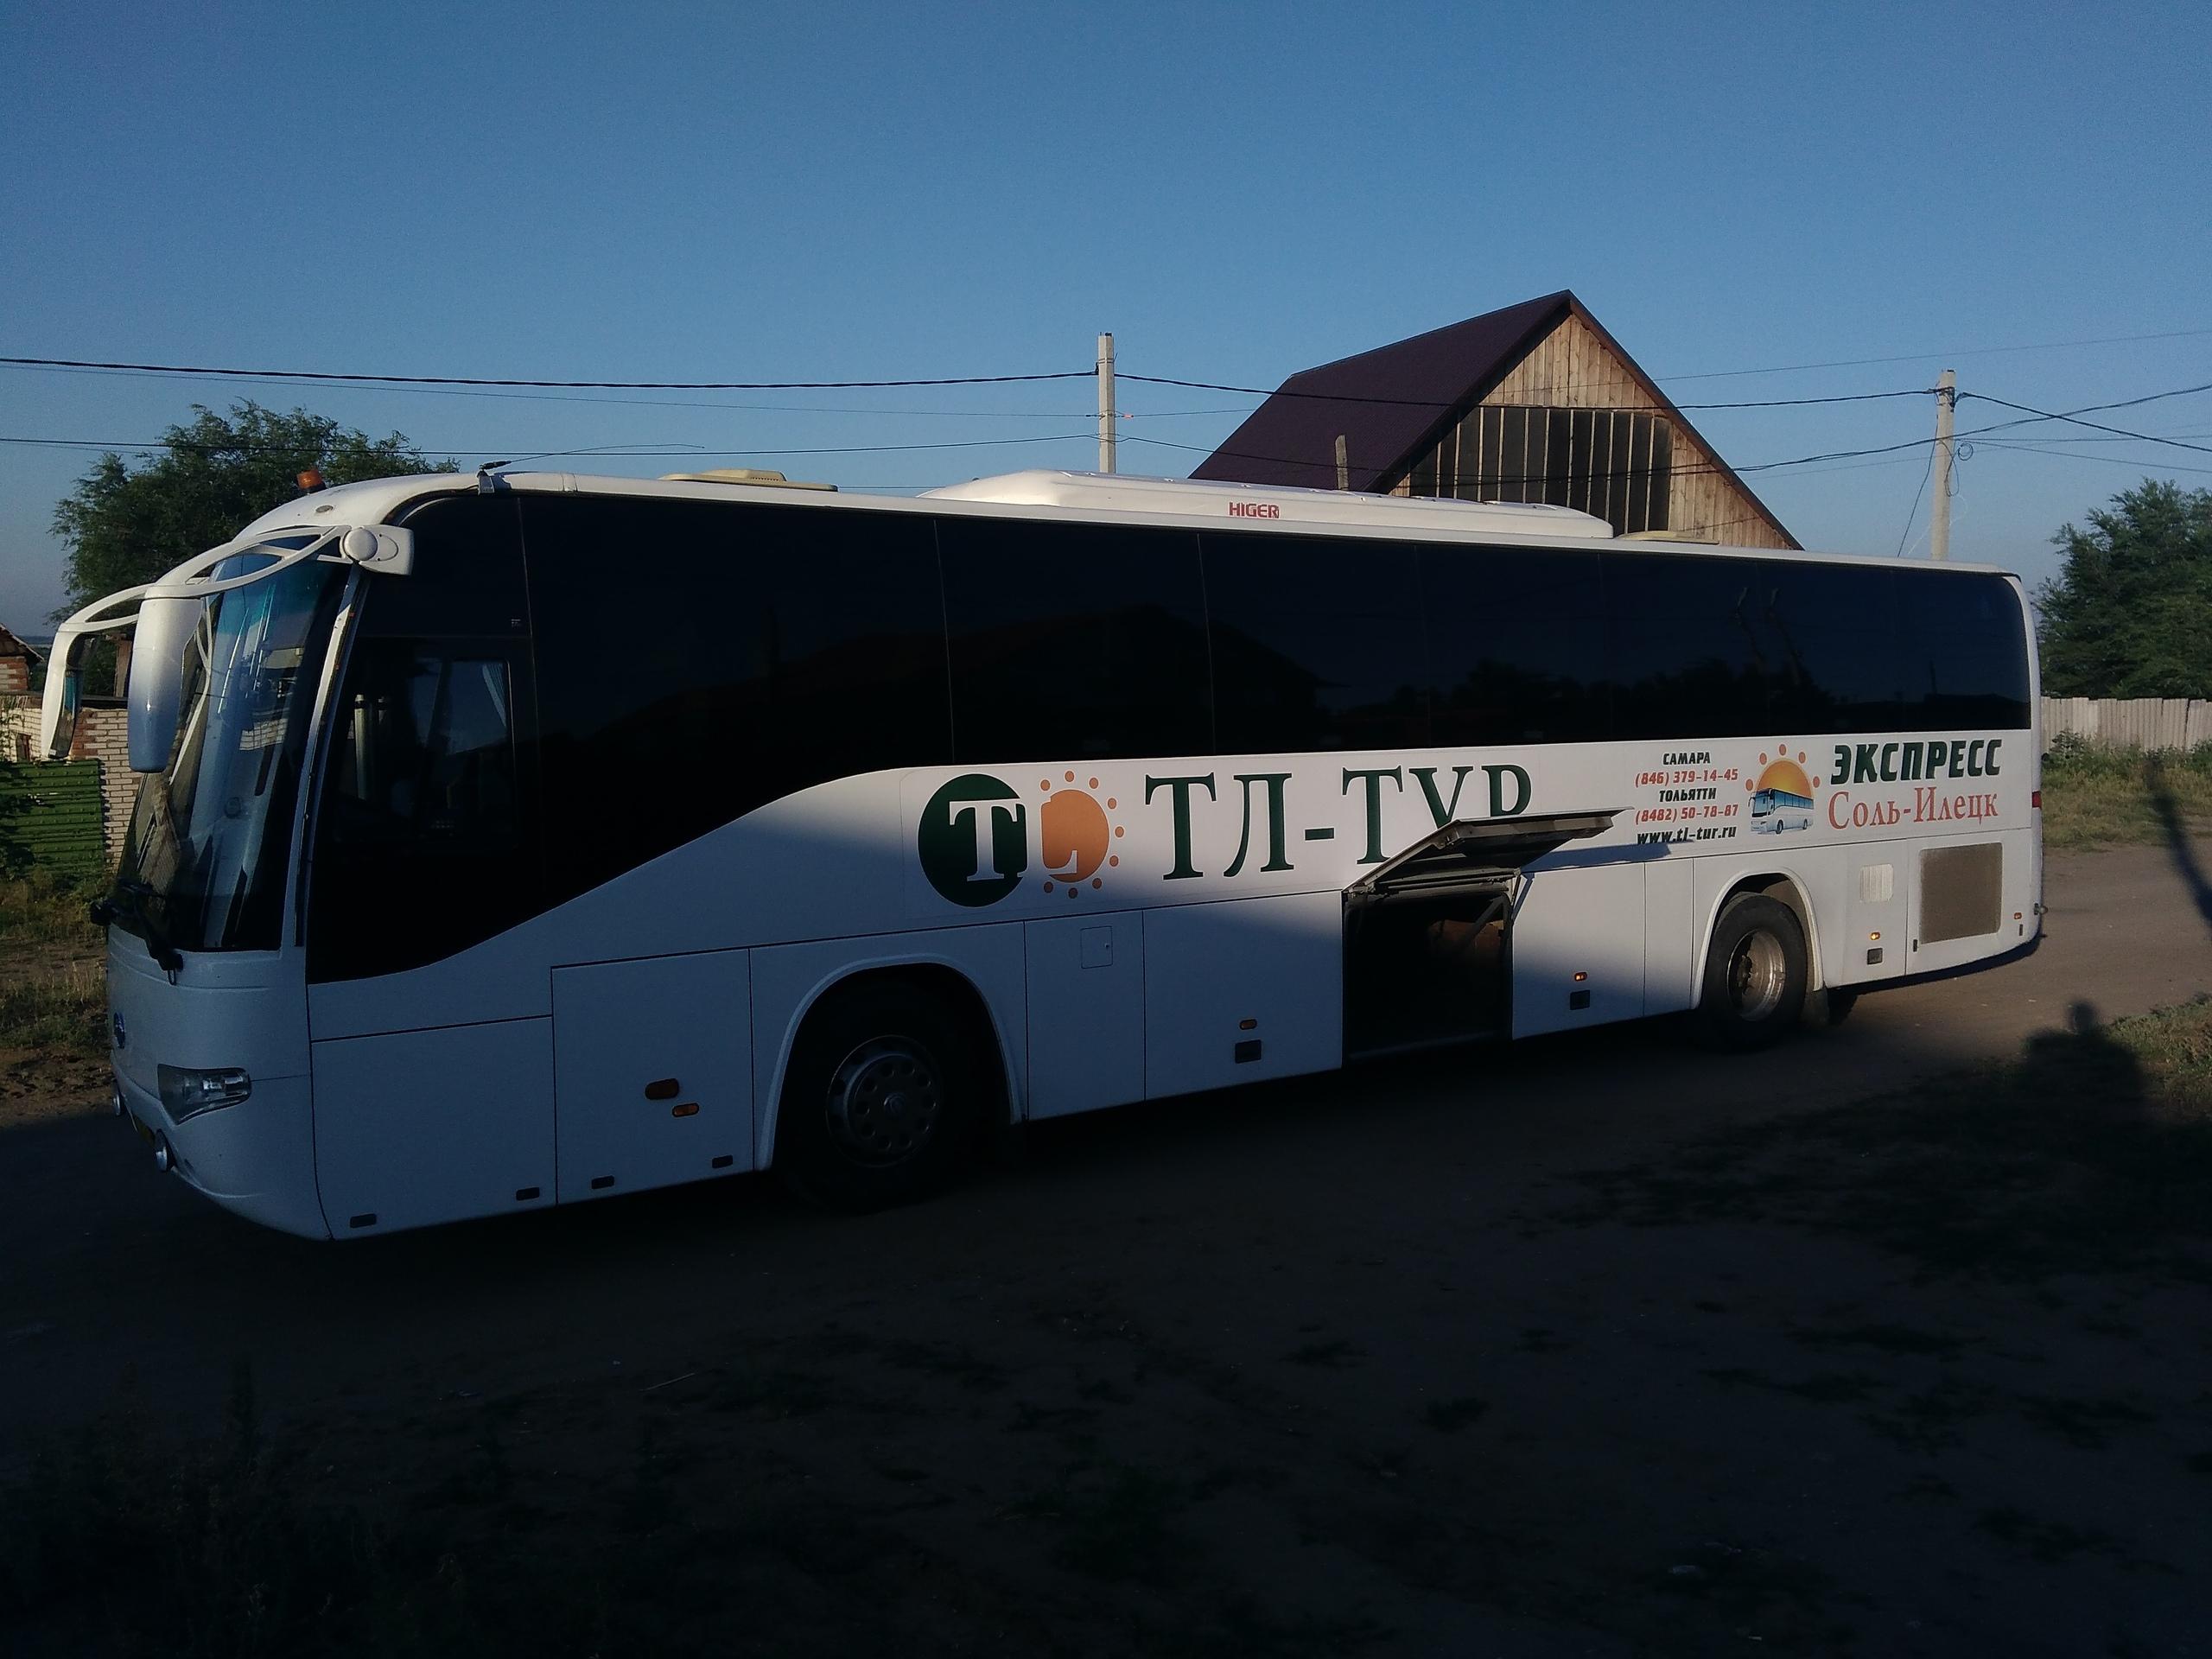 Междугородний автобус Соль-Илецк - Сызрань